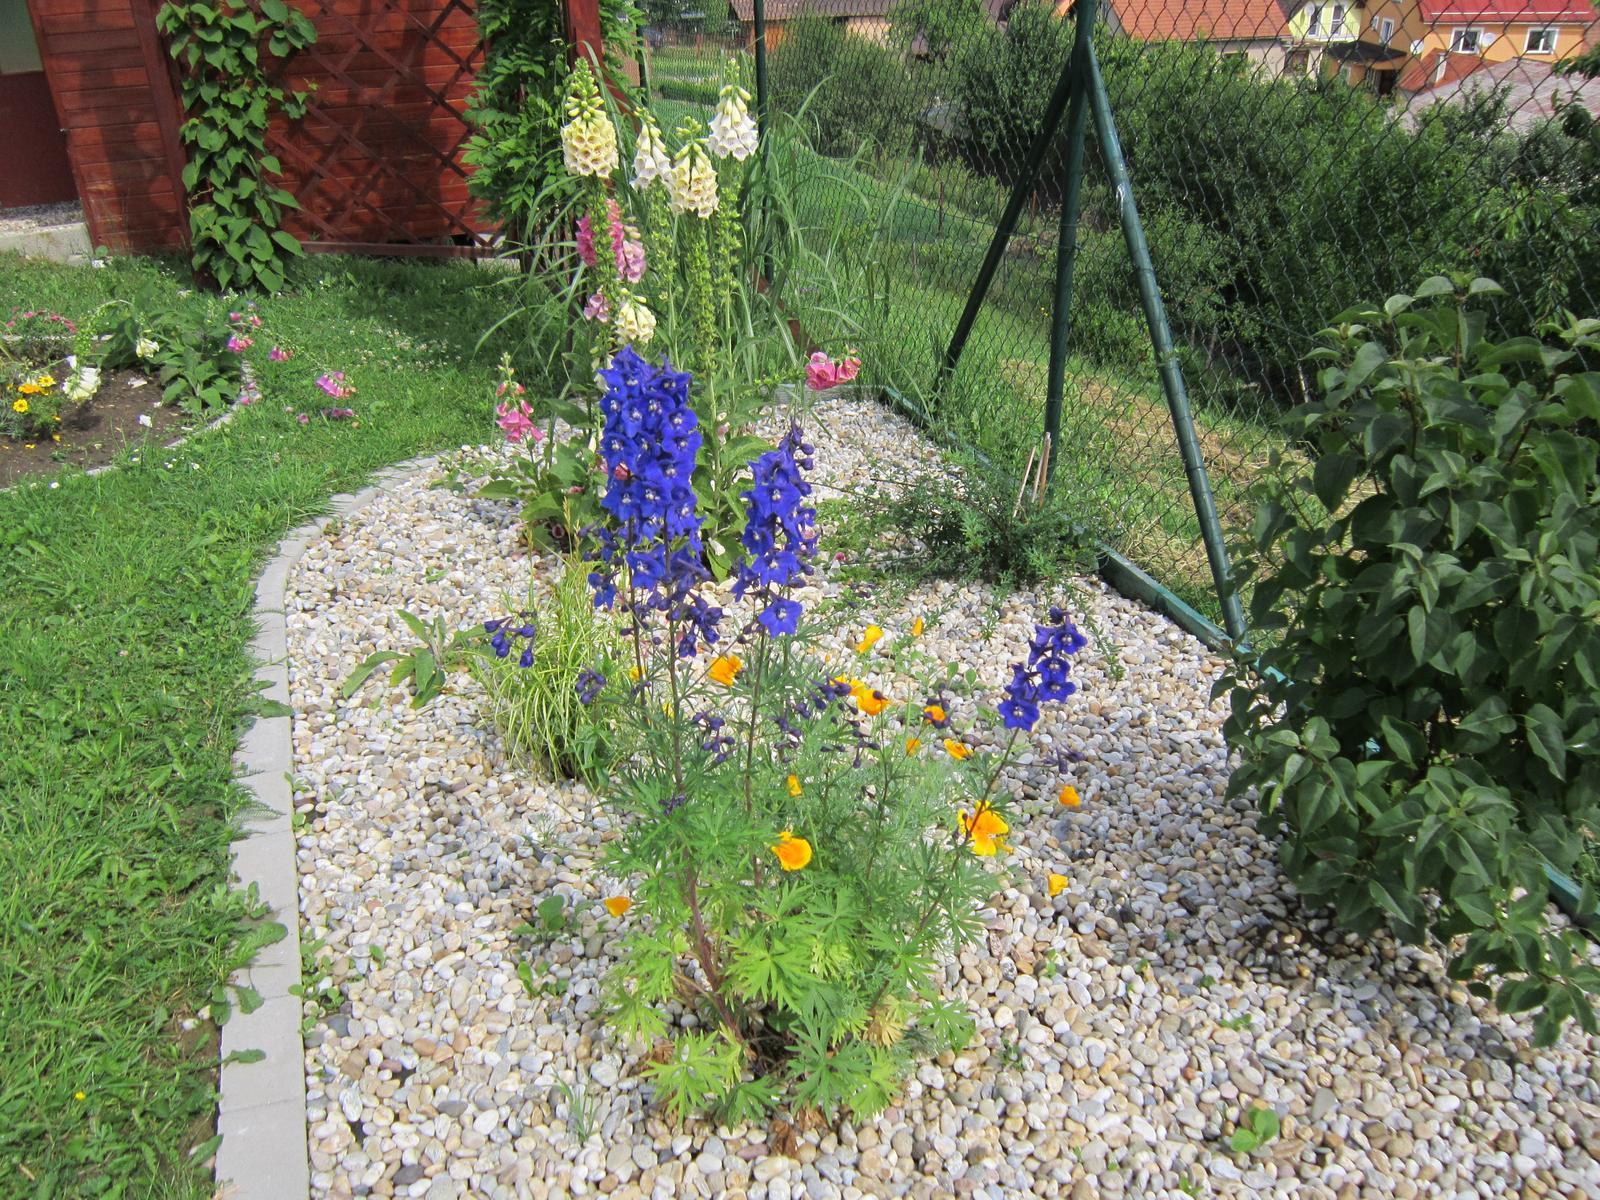 Moja záhrada...ako šiel čas - Modré stračonôžky a slncovky patria medzi moje obľúbené...